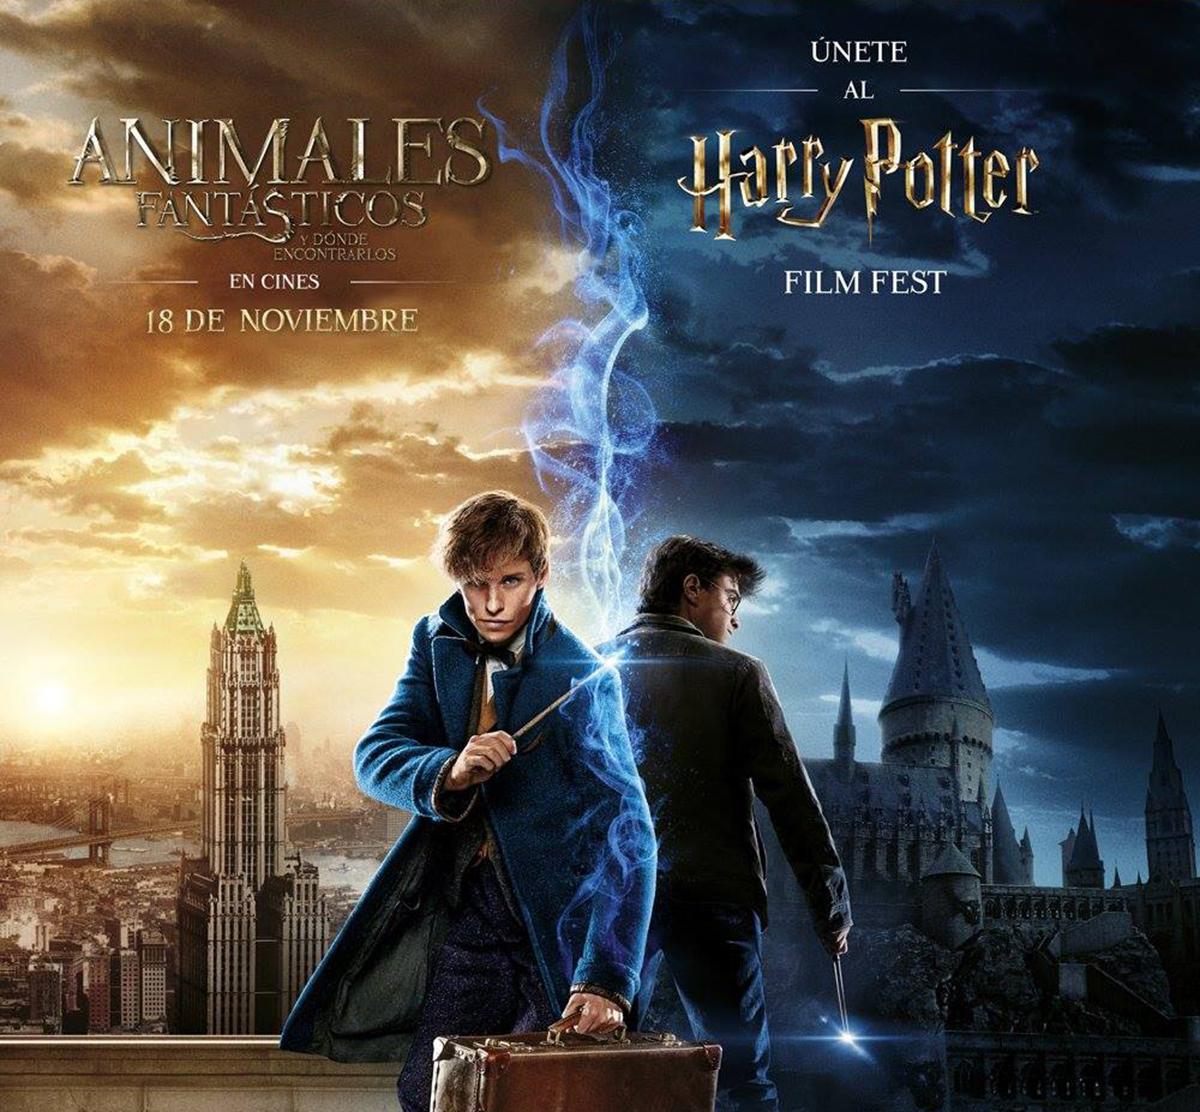 Madrid acogió el primer maratón de Harry Potter